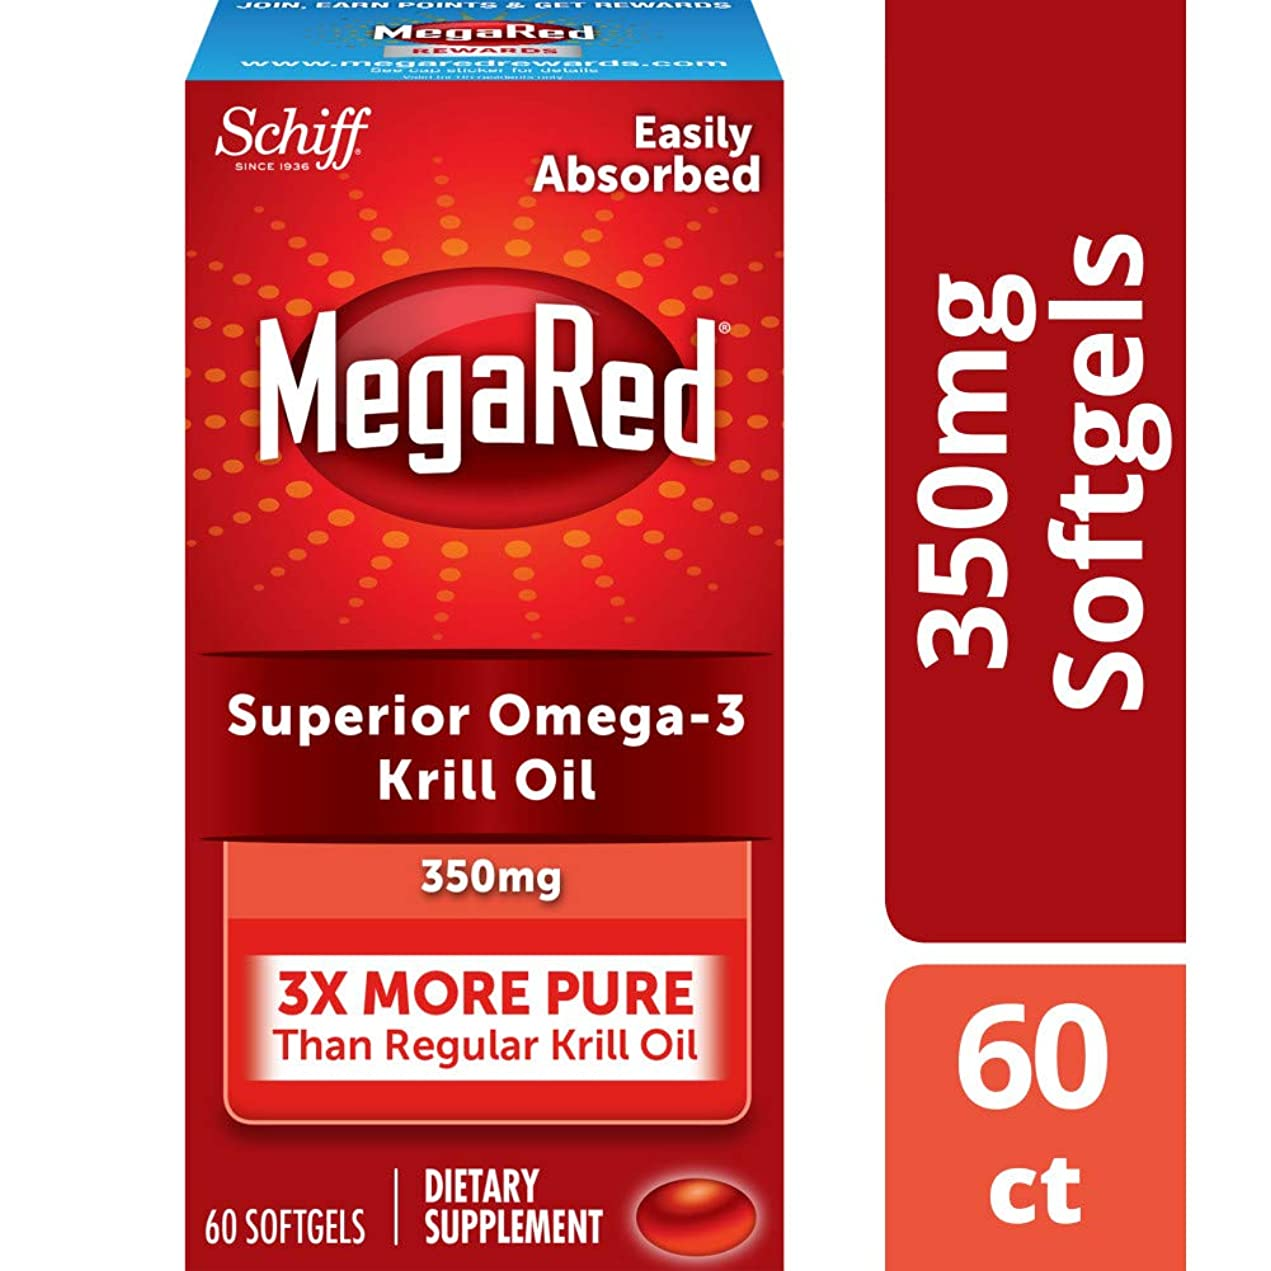 受取人コンバーチブル海外直送肘 Schiff Megared Omega-3 Krill Oil, 300 mg, 60 sgels